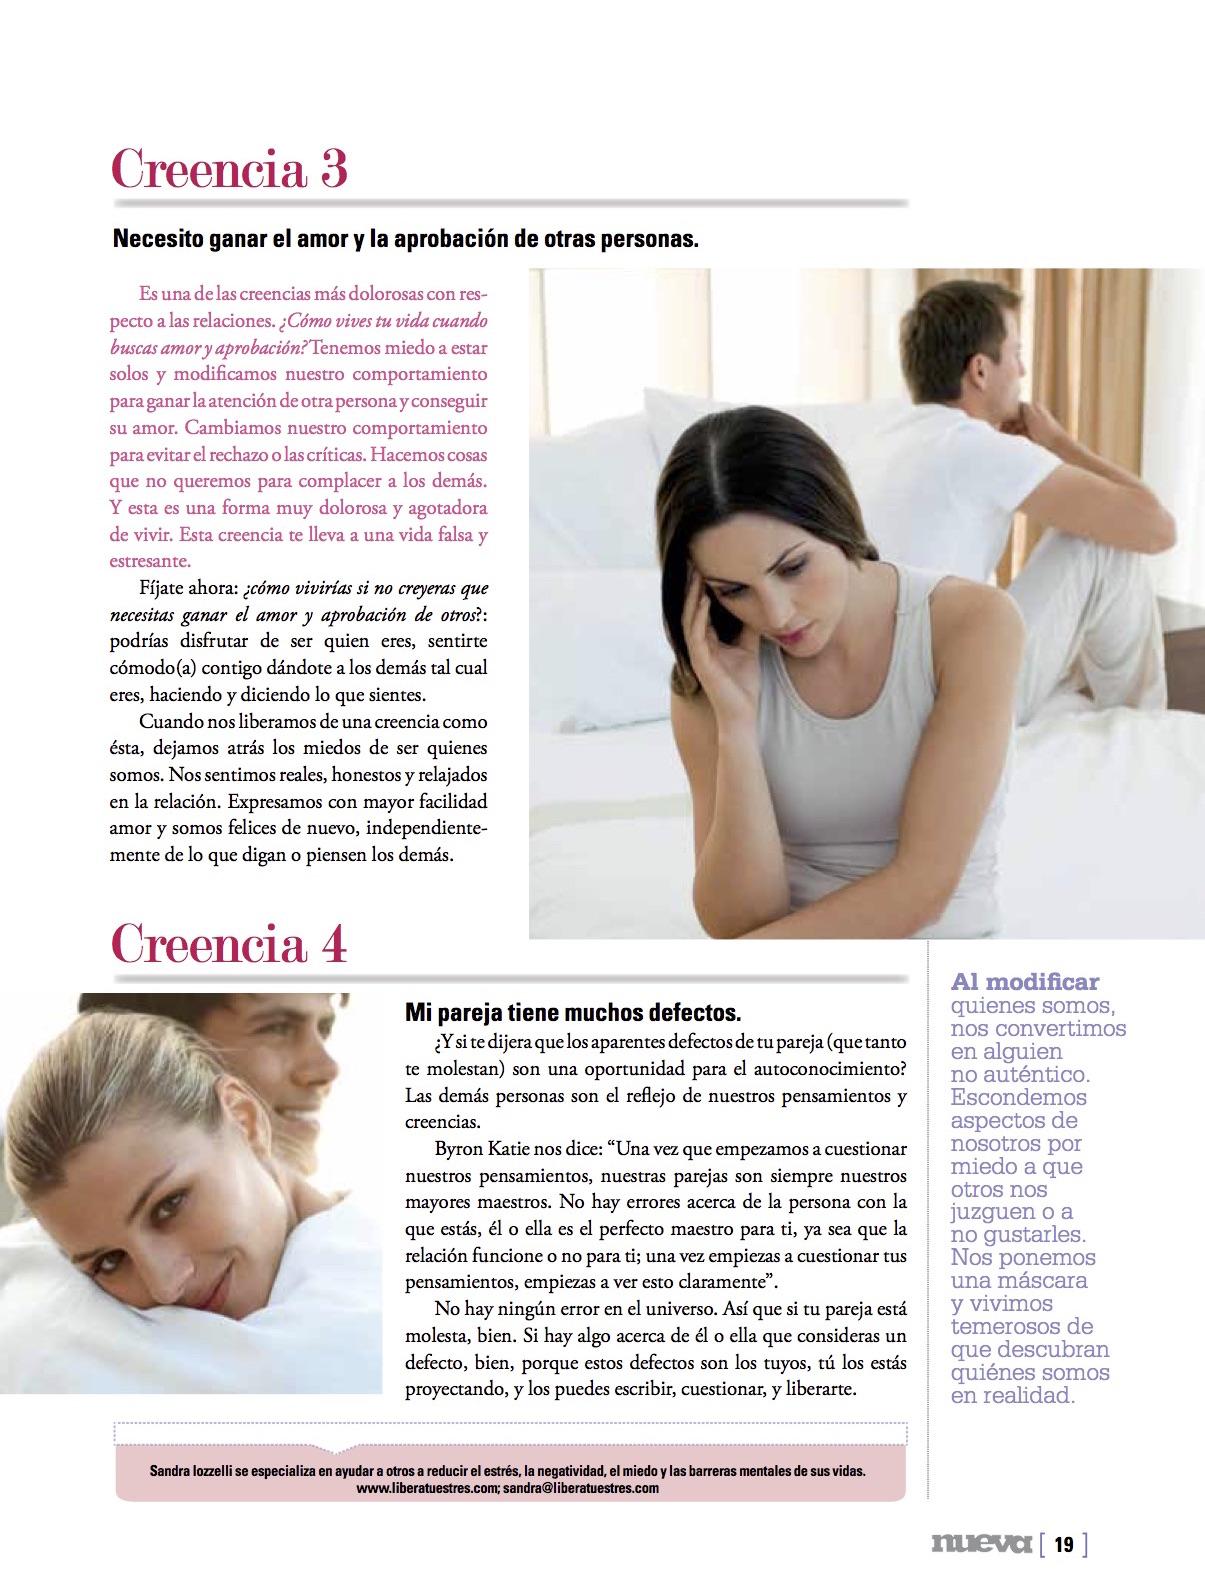 Revista Nueva 10 sep 11 - 4.jpg